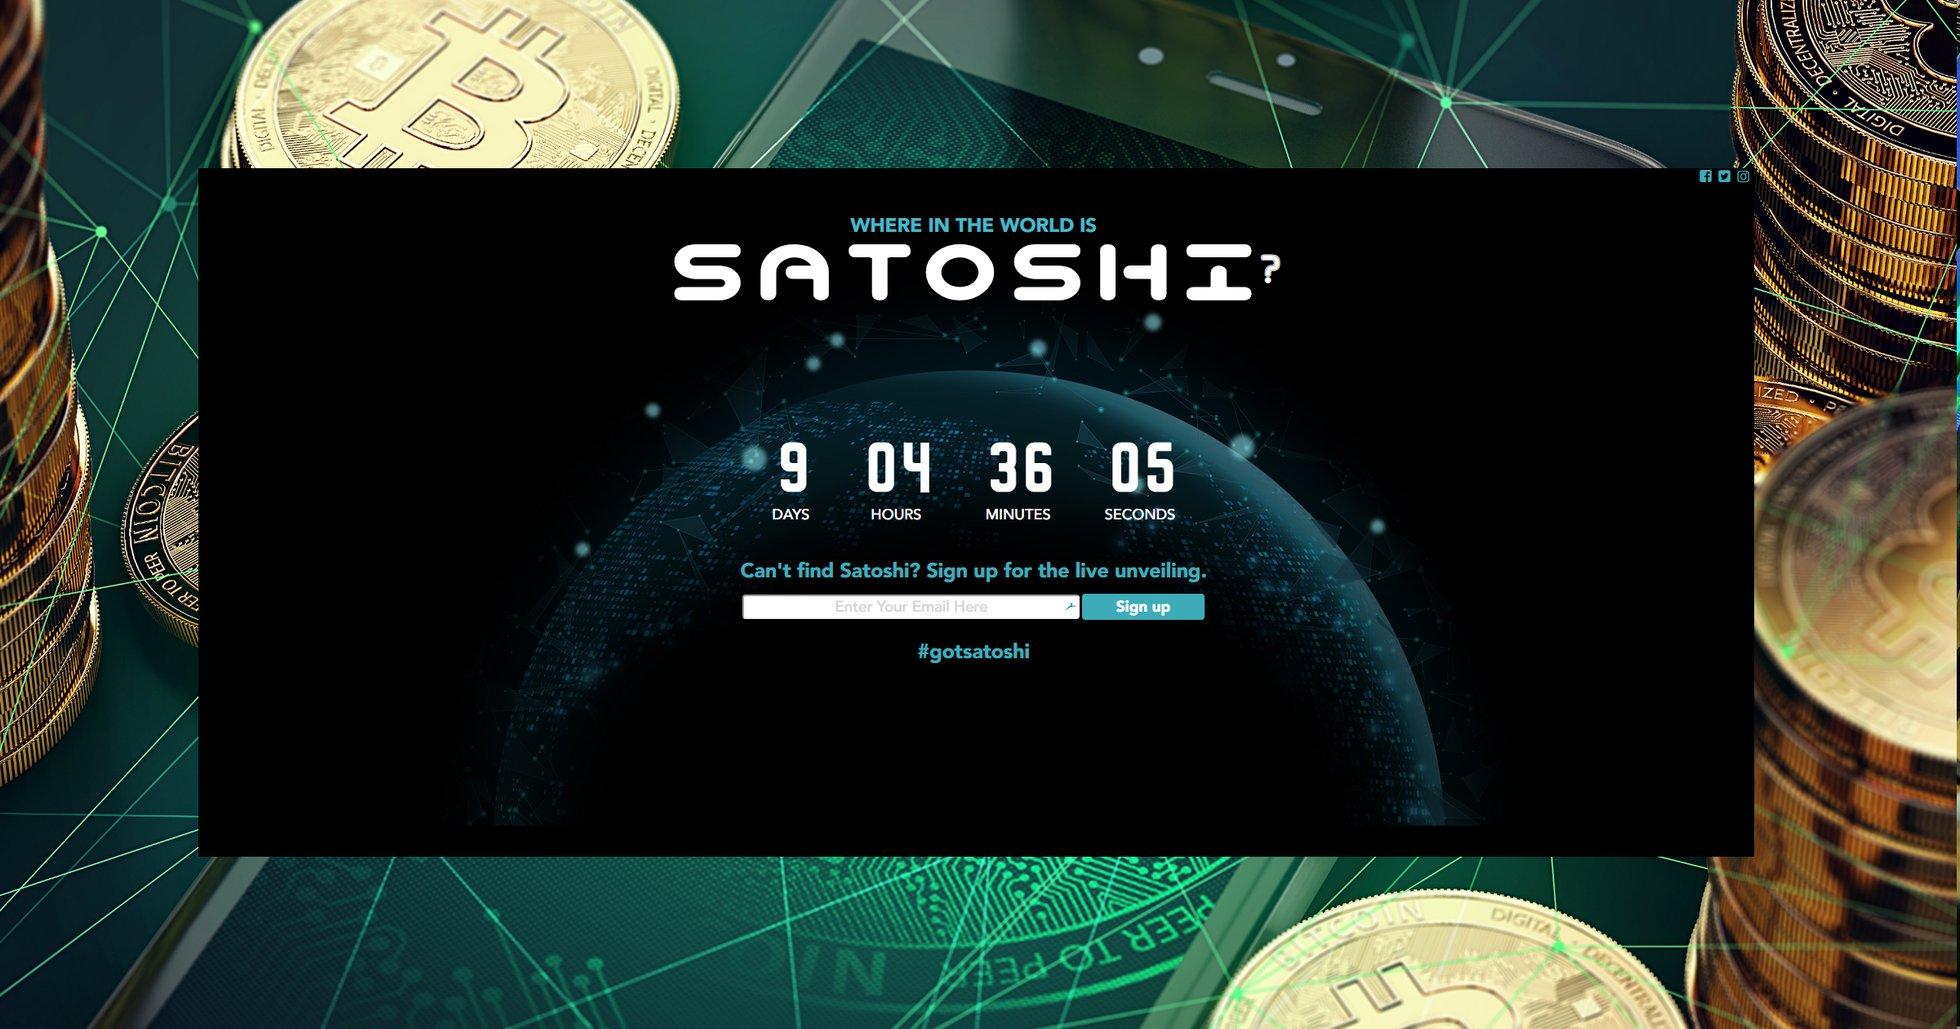 En ny sajt, Gotsatoshi.com, säger sig vara Satoshi Nakamoto, och planerar att avslöja bitcoingrundarens identitet den 14 maj.